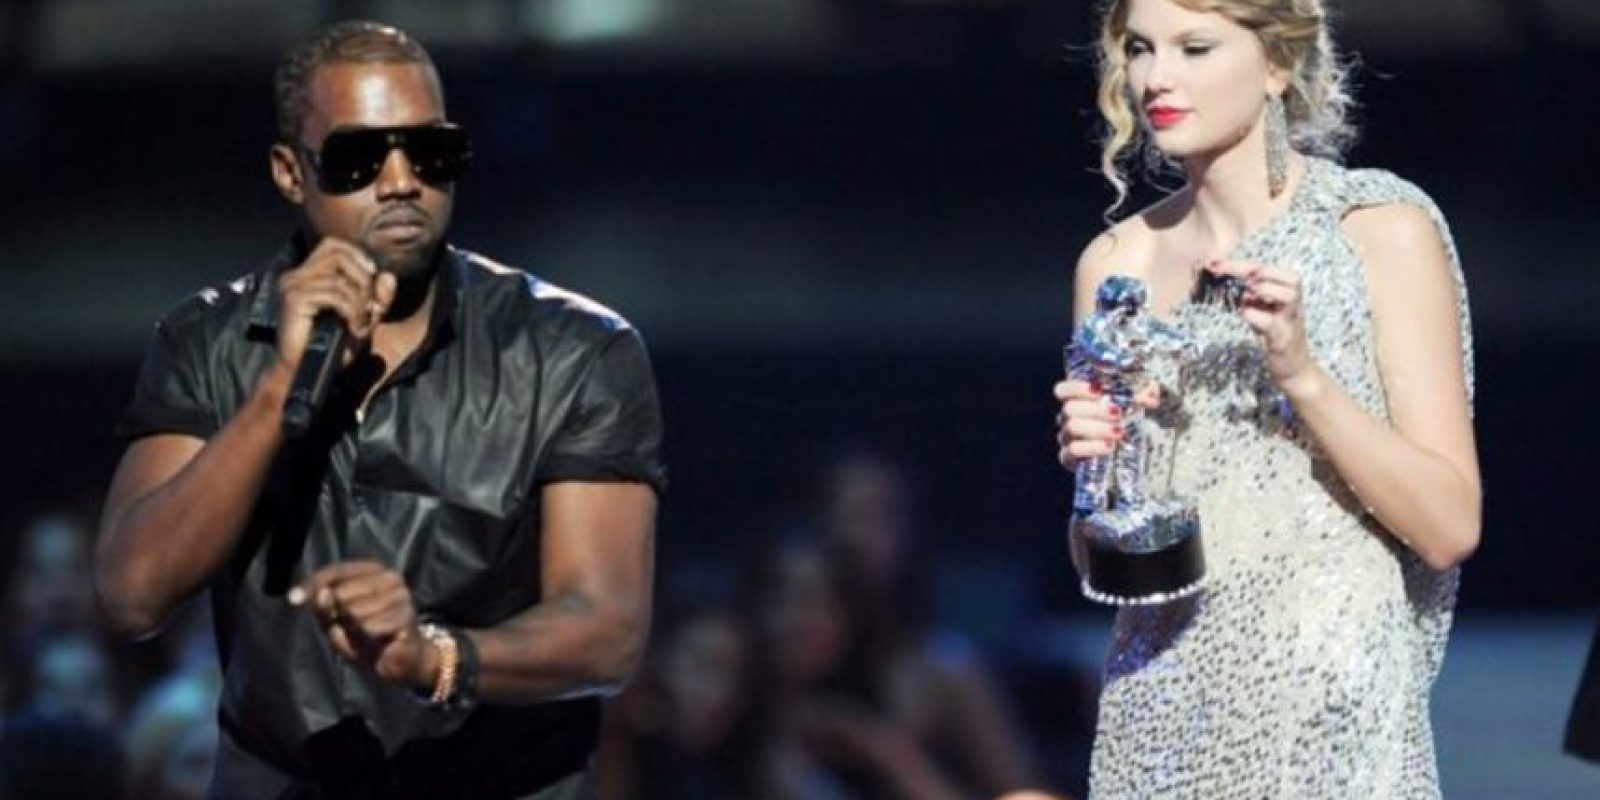 """Sin embargo, Taylor desmintió tal aviso de Kanye para llamarla """"perra"""" publicamente. Foto:Getty Images"""